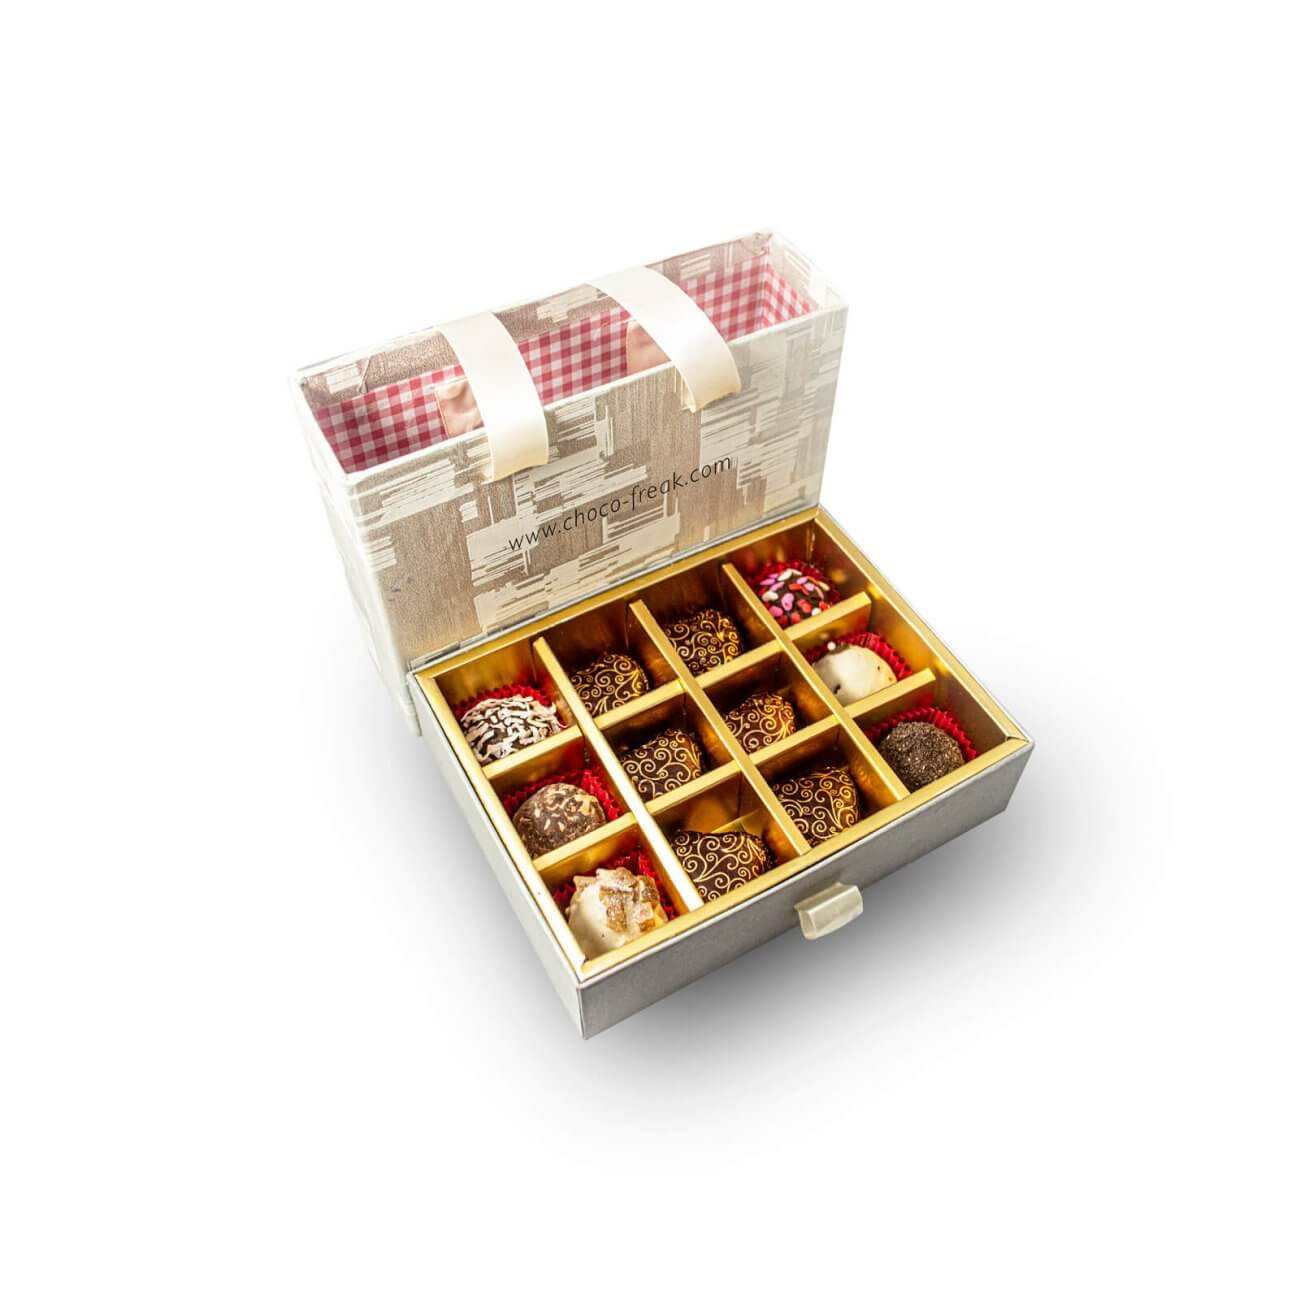 Mix de trufas de chocolate y bombones en cajita de carton duro reutilizable. Regalos a domicilio Quito Guayaquil Ecuador